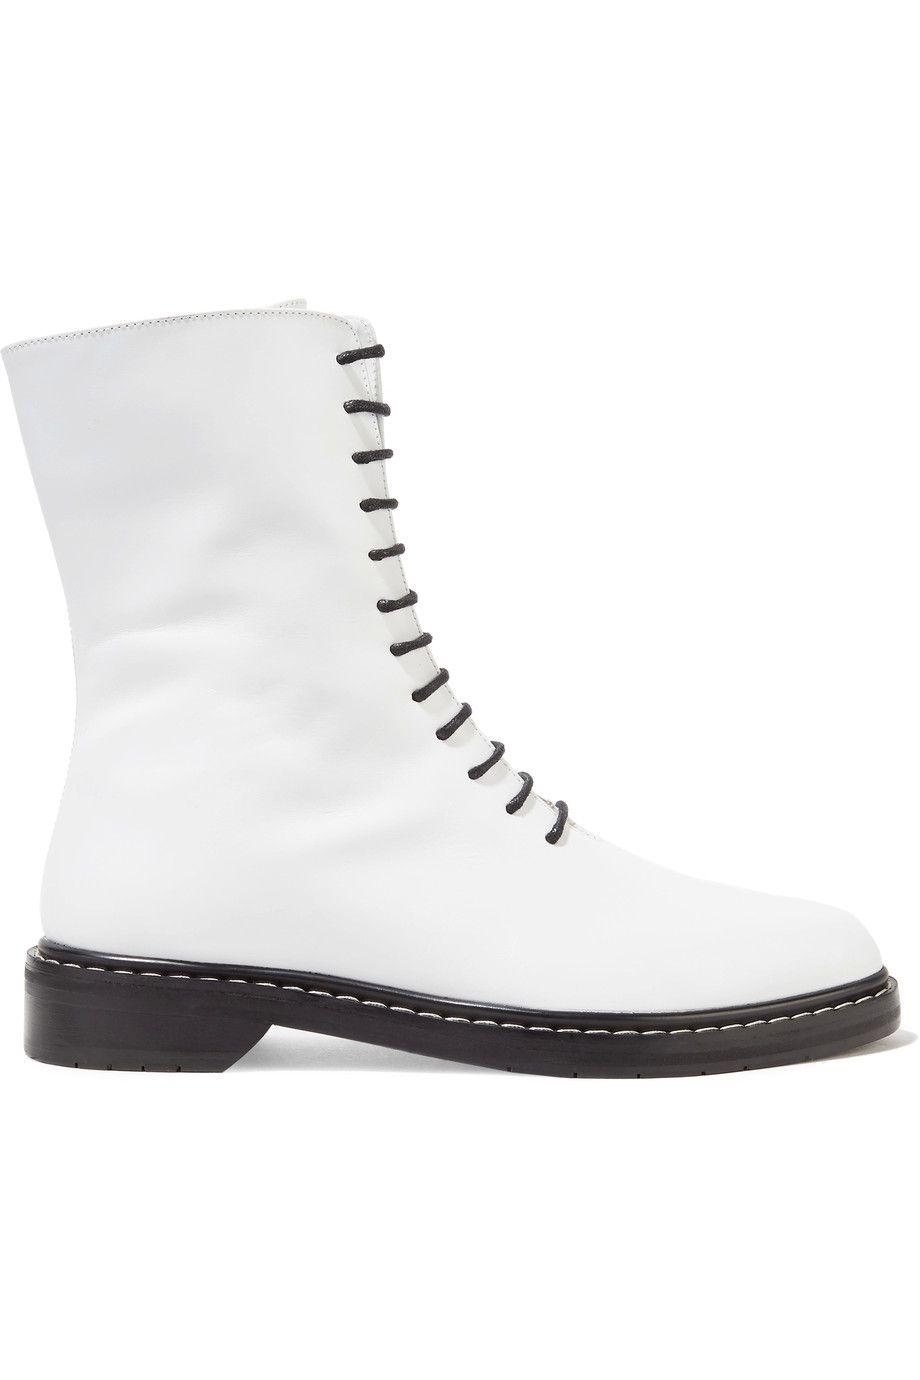 scarpe bianche moda 2018 come l'anfibio The row